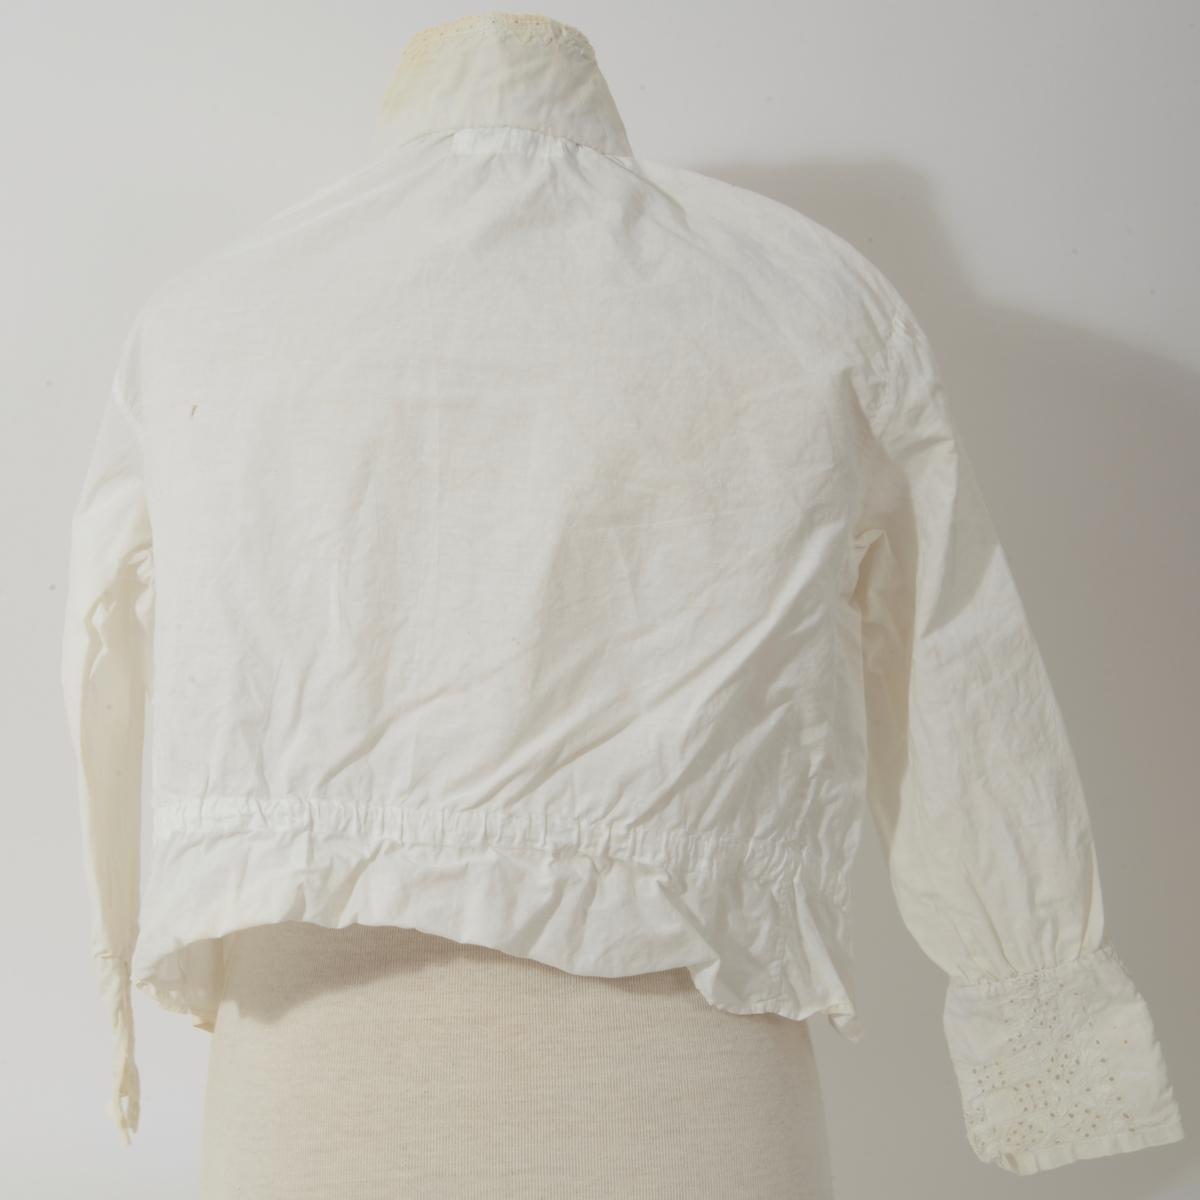 Krage og mansjetter er påsatt en sydd bluse som har smal blondekant i hals og rundt håndledd. Mansjettene er tatt fra annet broderi og satt sammen av 2 deler. Skjorten har 3 sølvknapper.